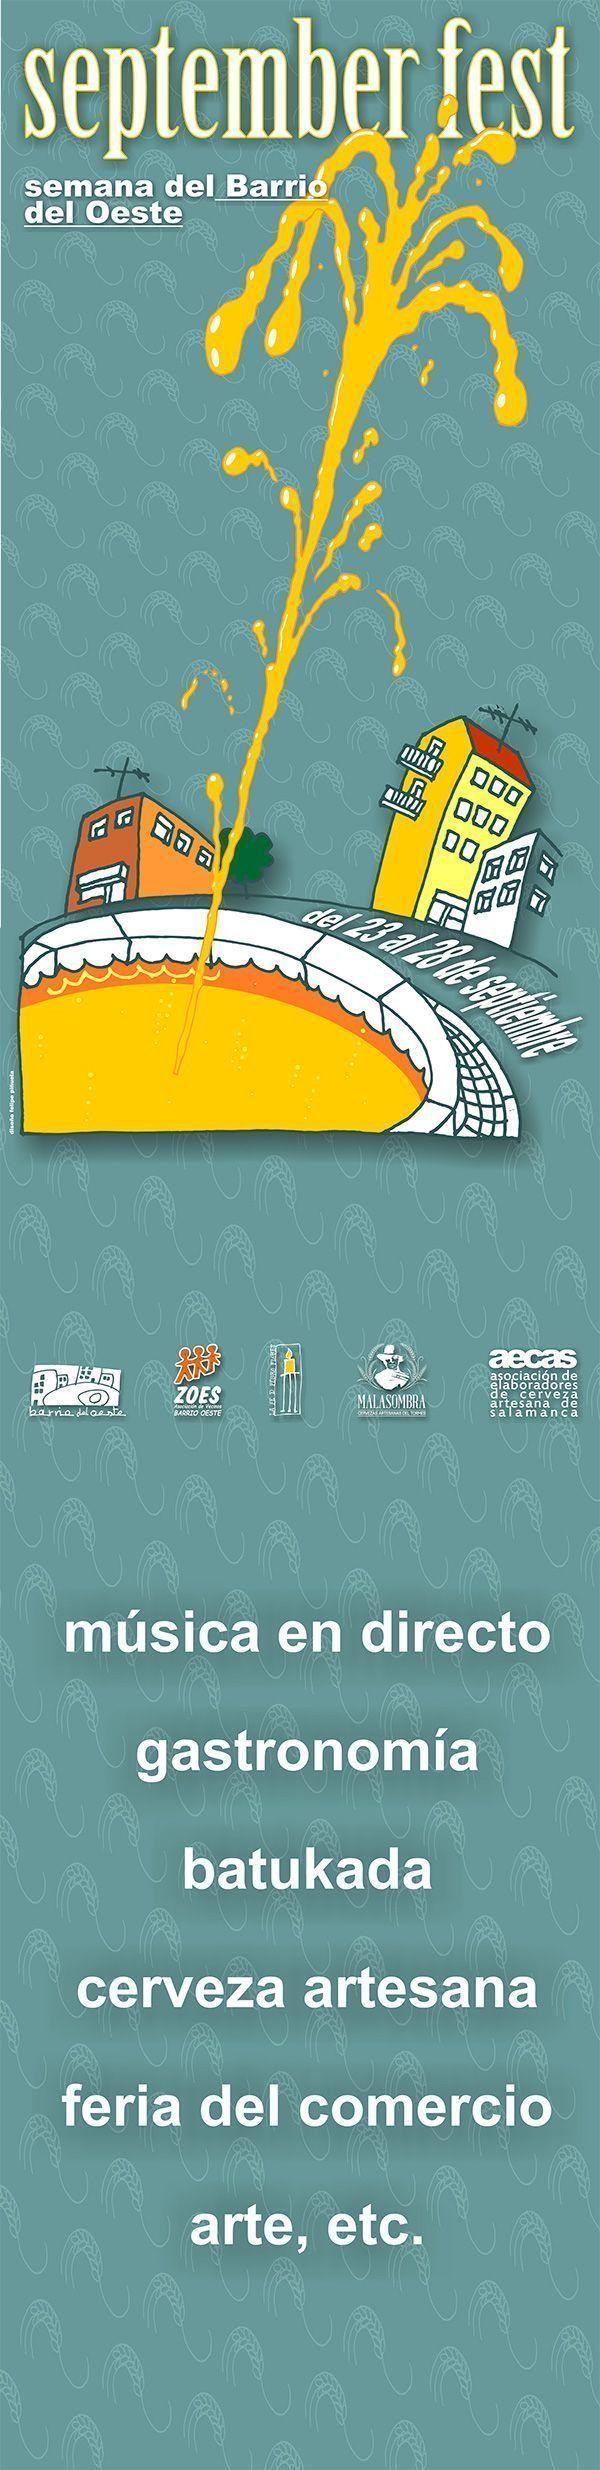 Cartel de la primera edición de la September Fest.